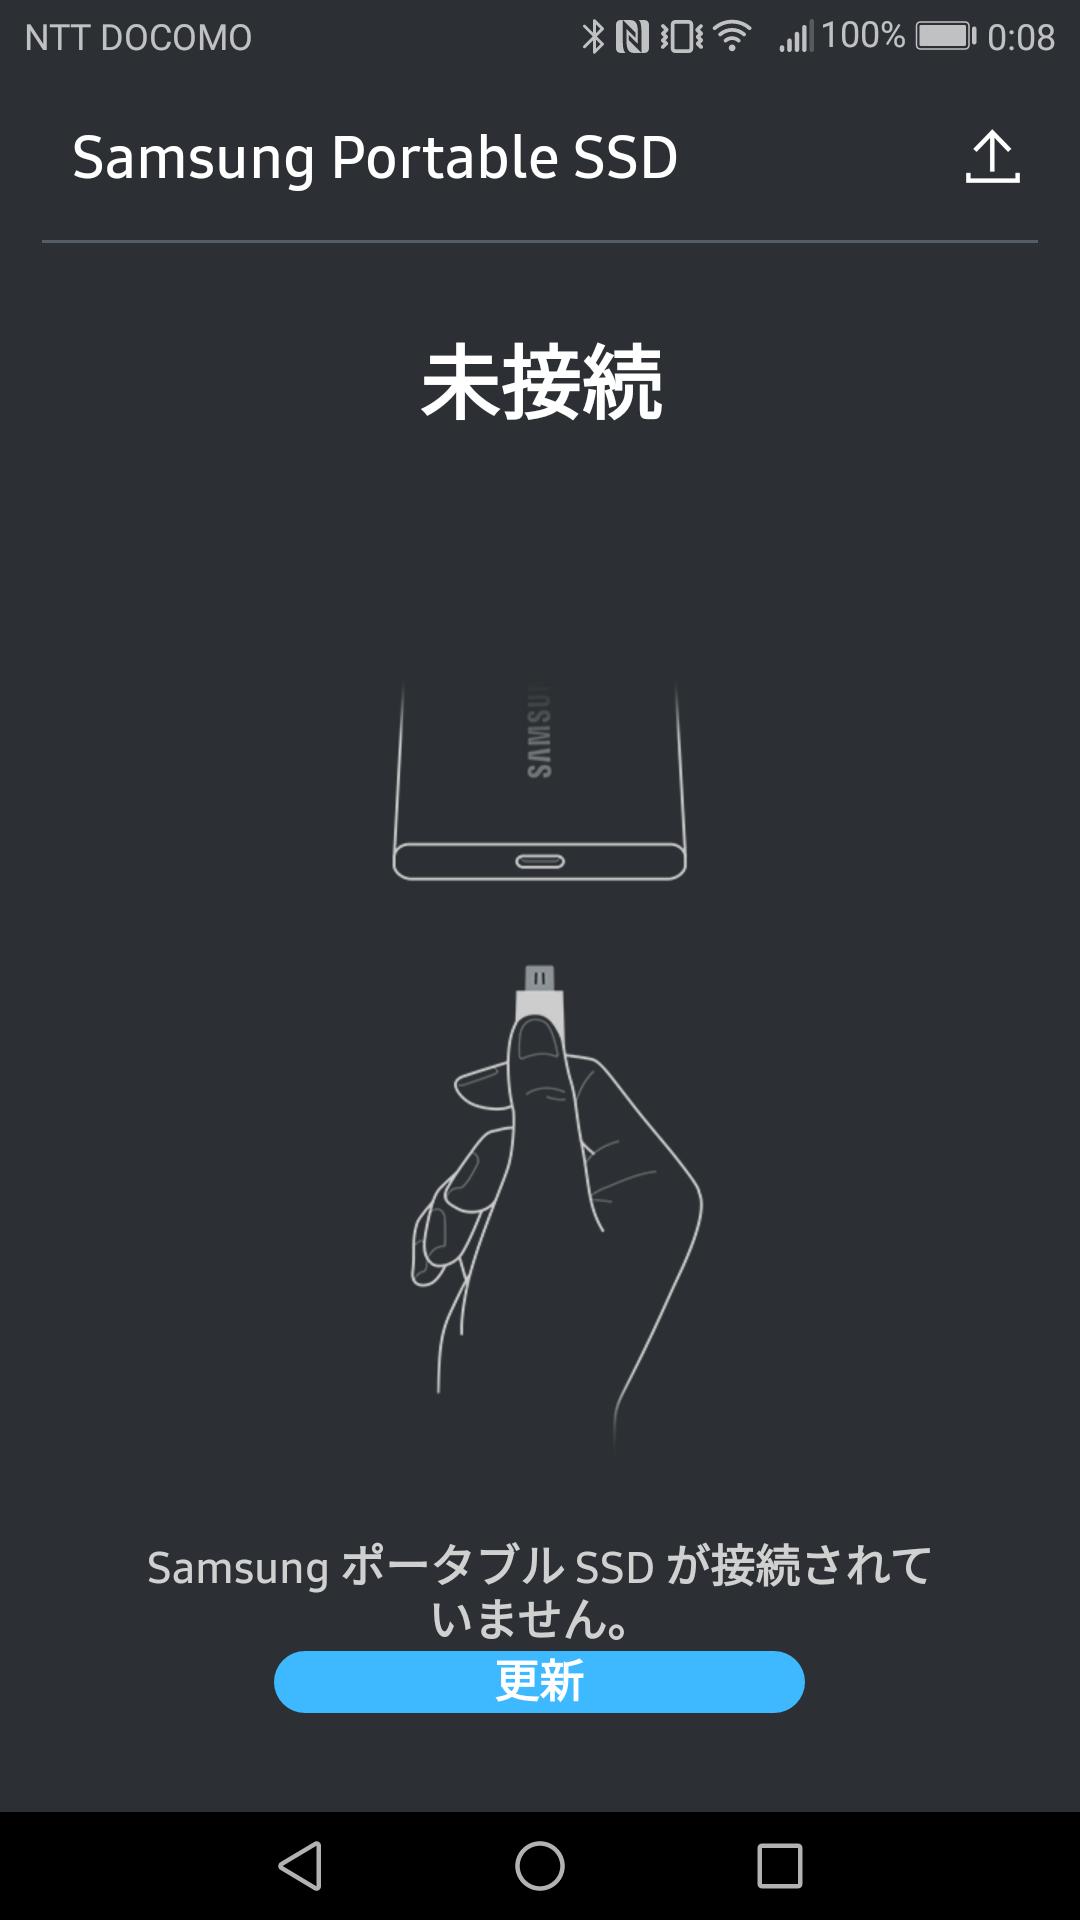 こちらは、Android用のSamsung Portable SSD Software